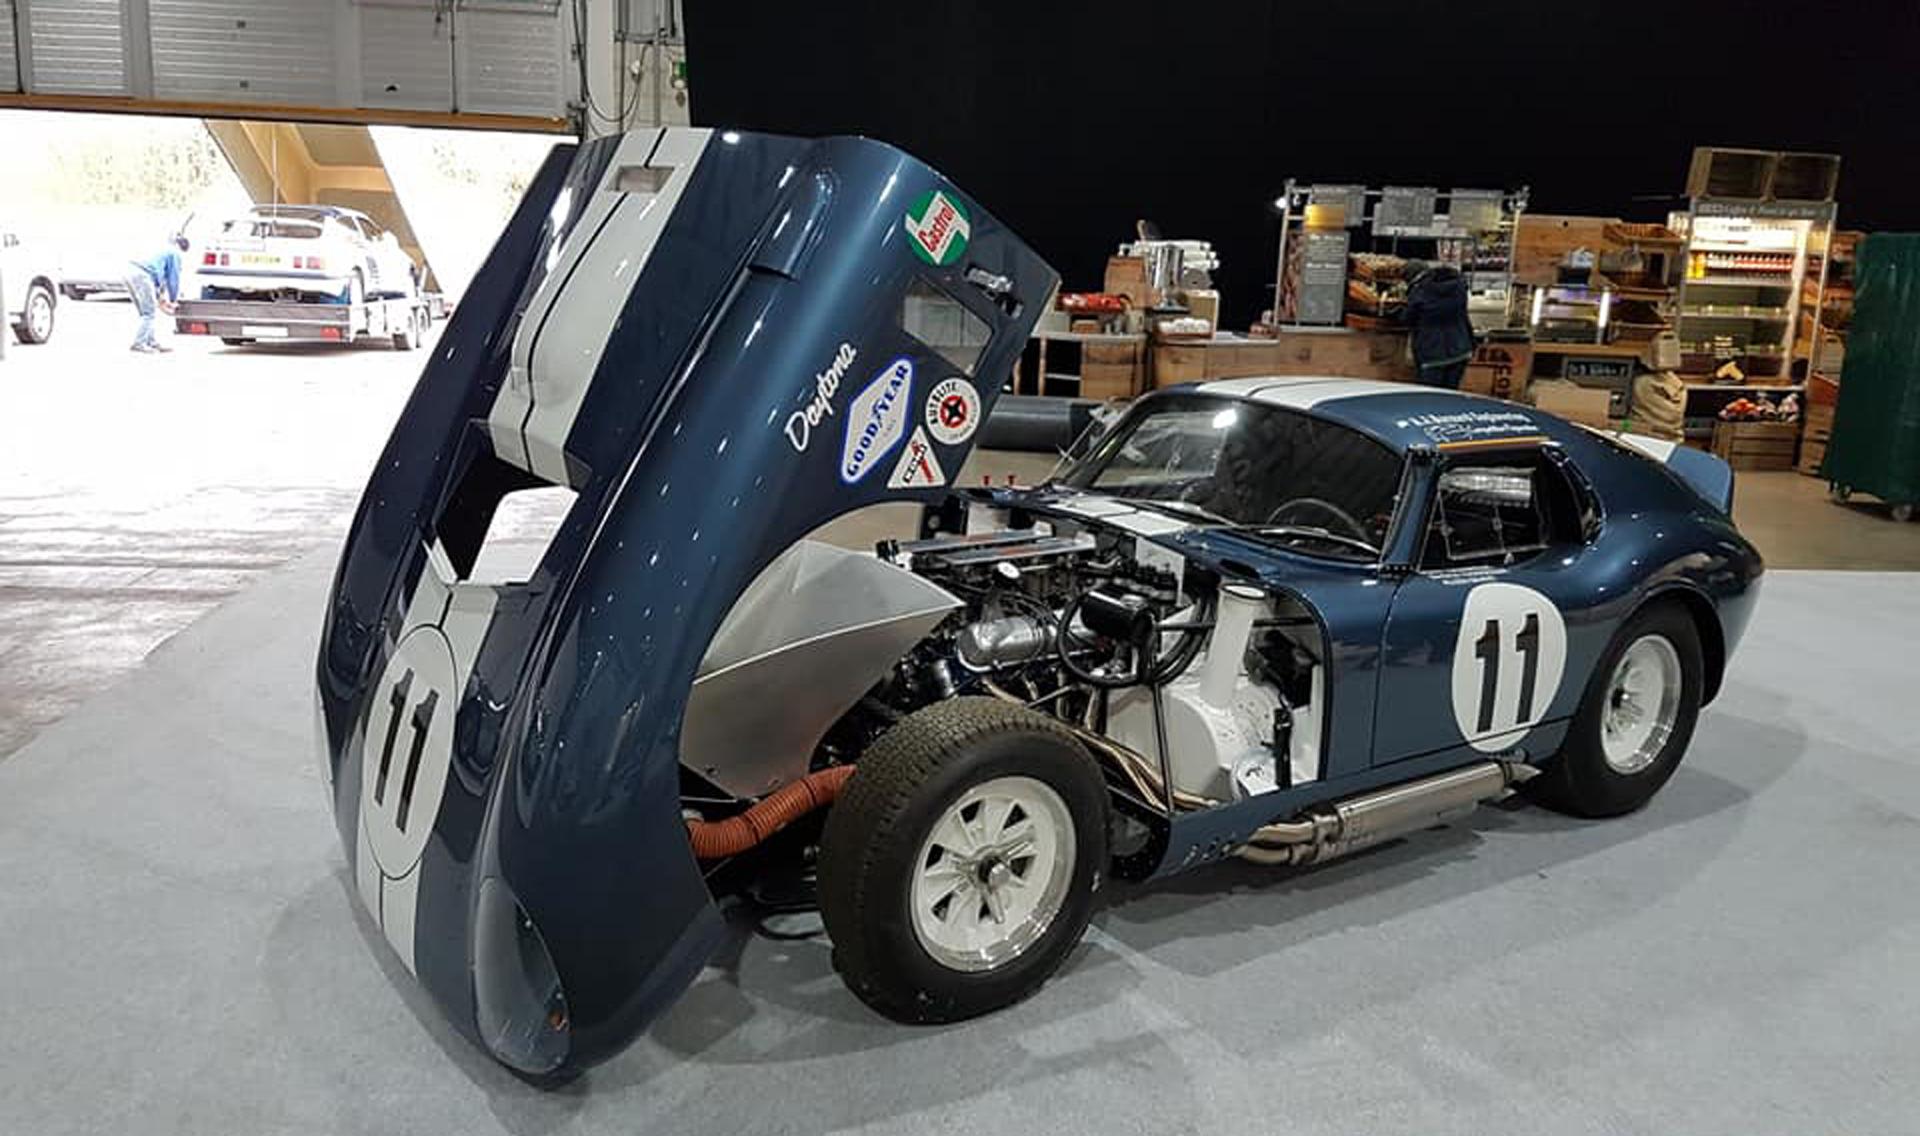 Daytona open